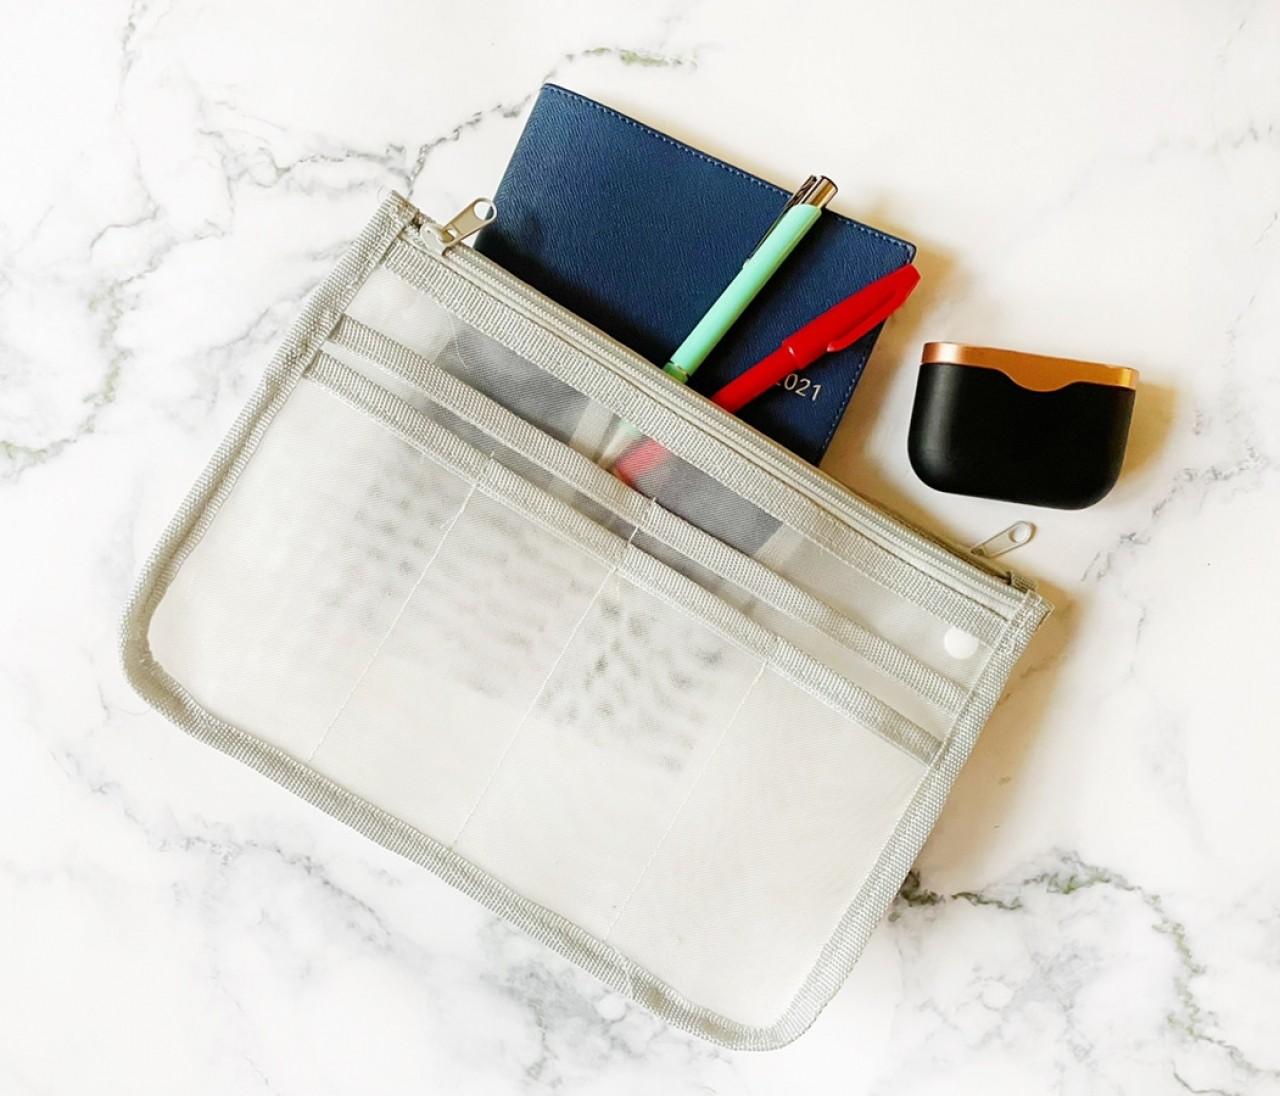 【ダイソー】新商品「バッグインバッグ」がかなり使える!ポケットの数は11個で収納力バツグン♡